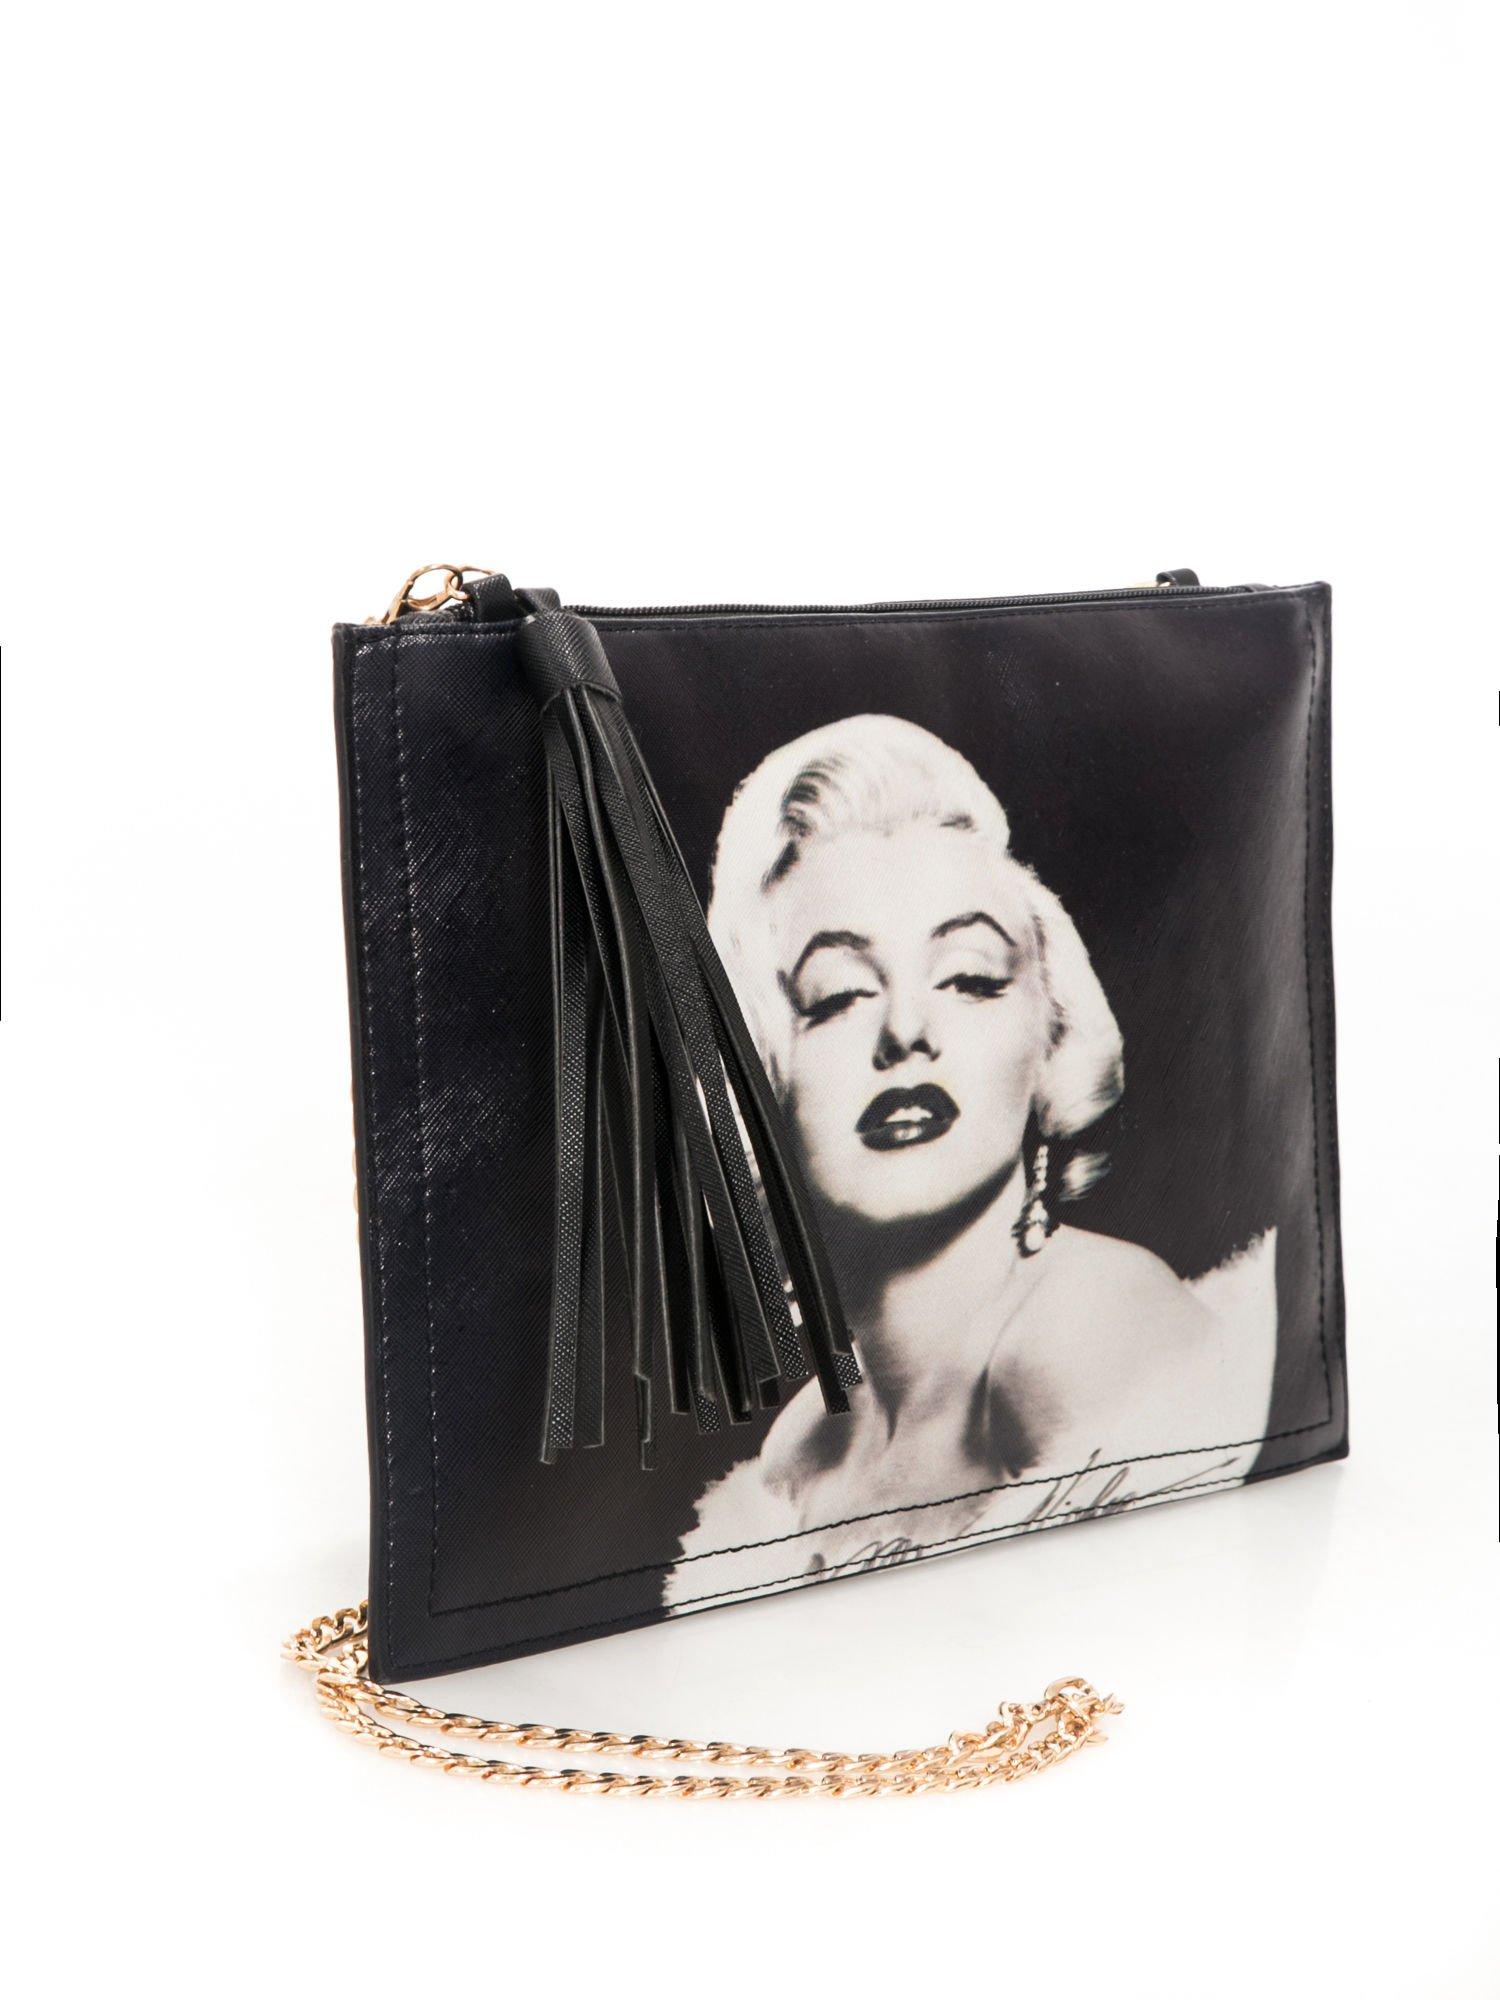 Czarna kopertówka z nadrukiem Marilyn Monroe, frędzlami i złotym łańcuszkiem                                  zdj.                                  2